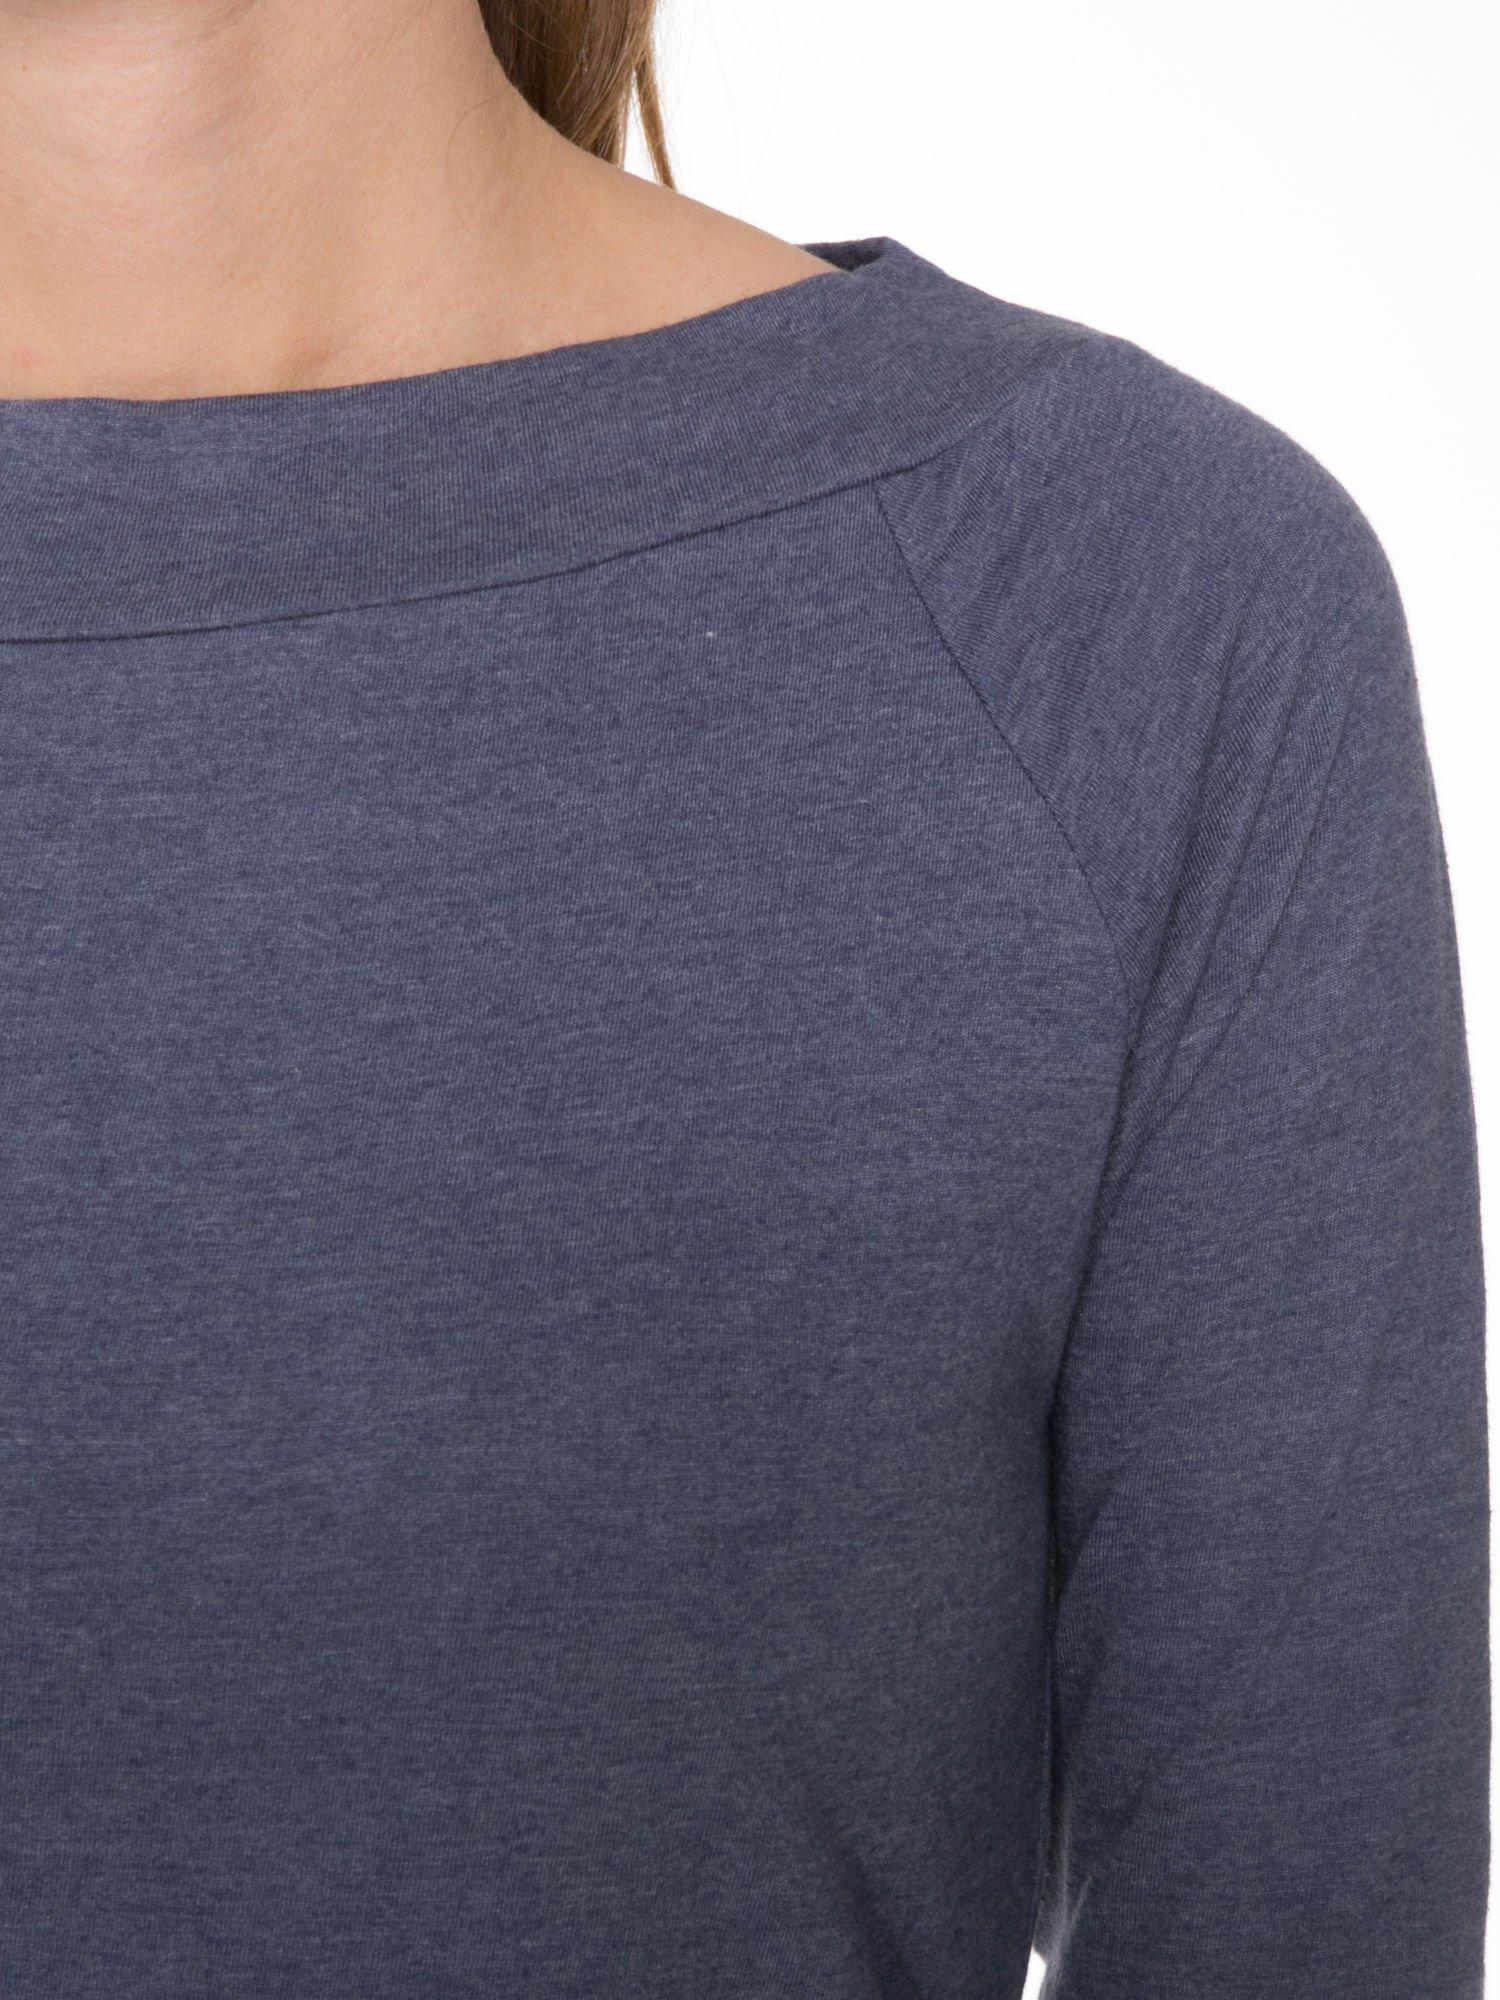 Granatowa gładka bluzka z reglanowymi rękawami                                  zdj.                                  5